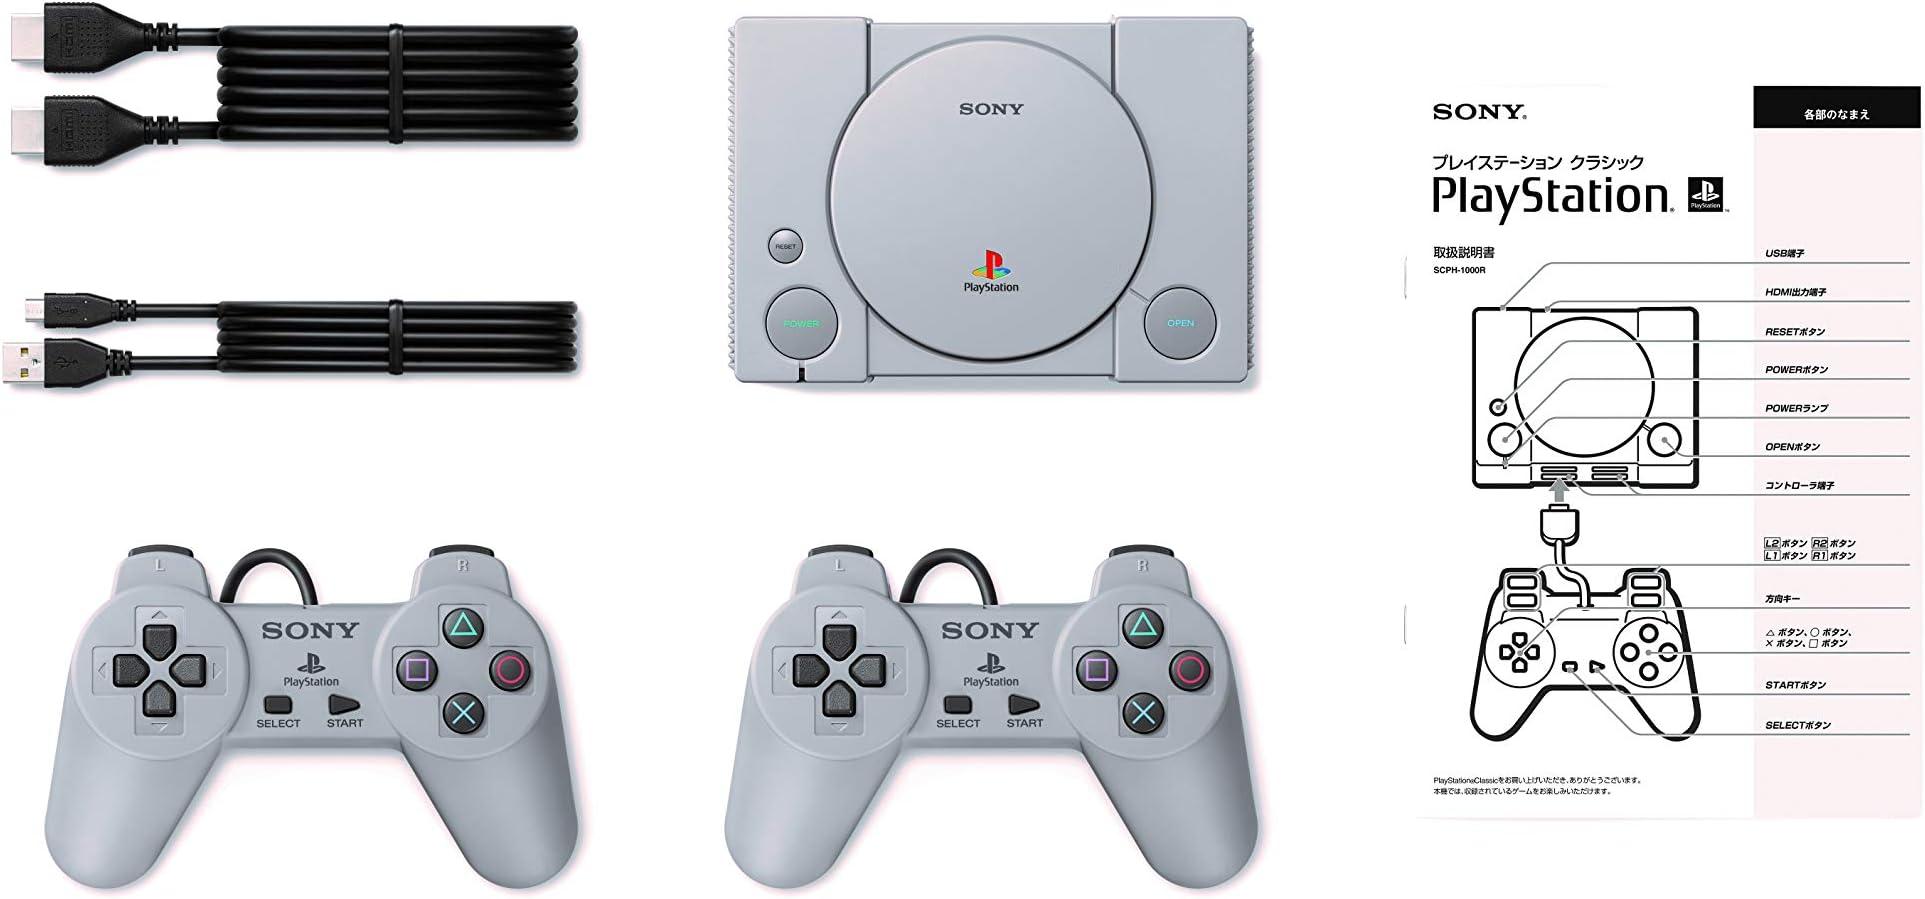 אוהבים נוסטלגיה? PlayStation Classic Console כולל 2 שלטים ו-20 משחקים